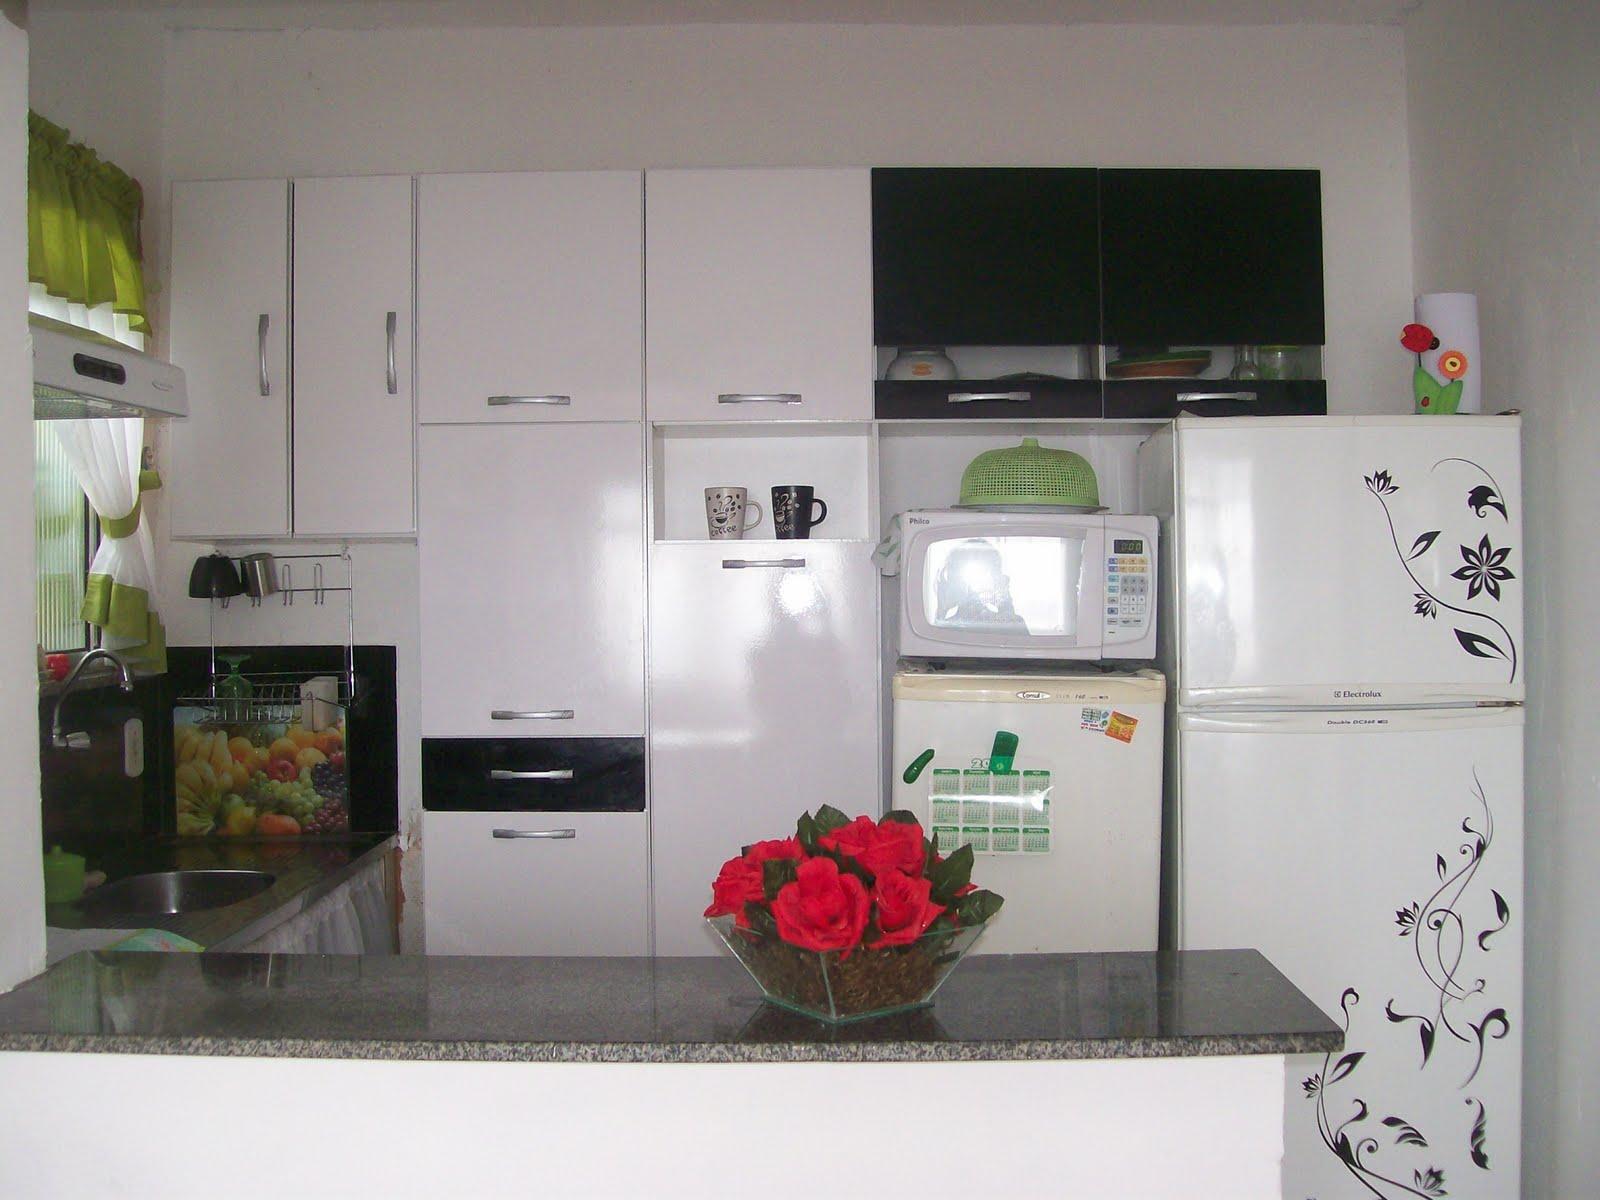 #B6152F Simplesmente com amor: Minha pequenina cozinha ! 1600x1200 px sonhar banheiro grande